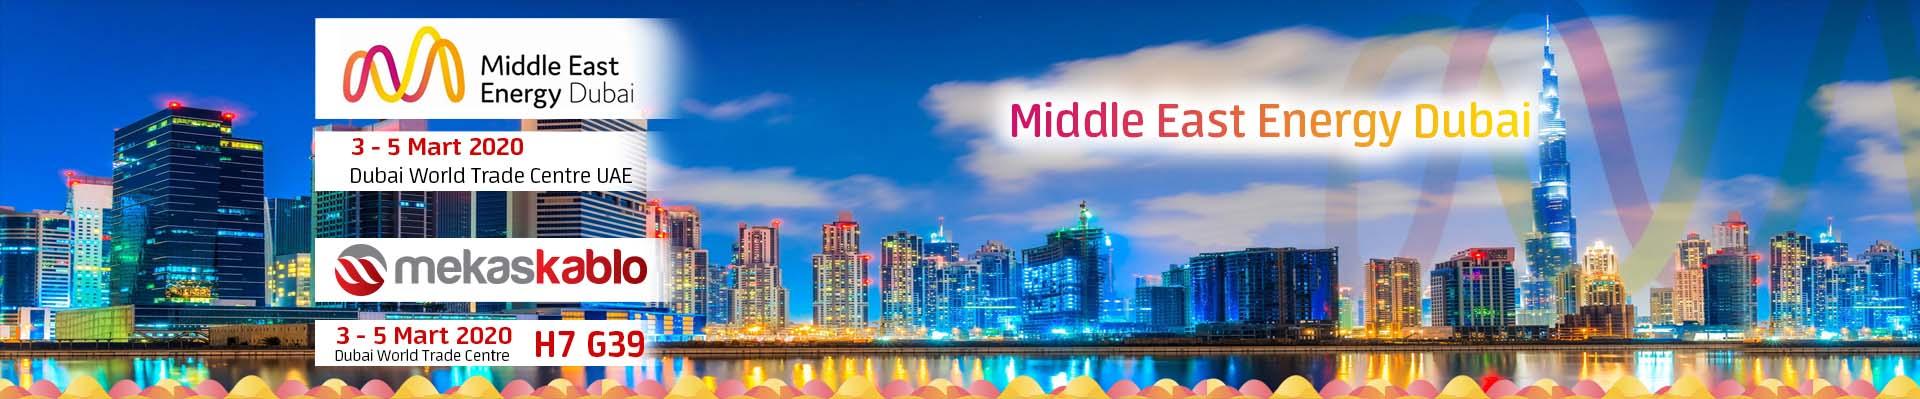 middle east dubai